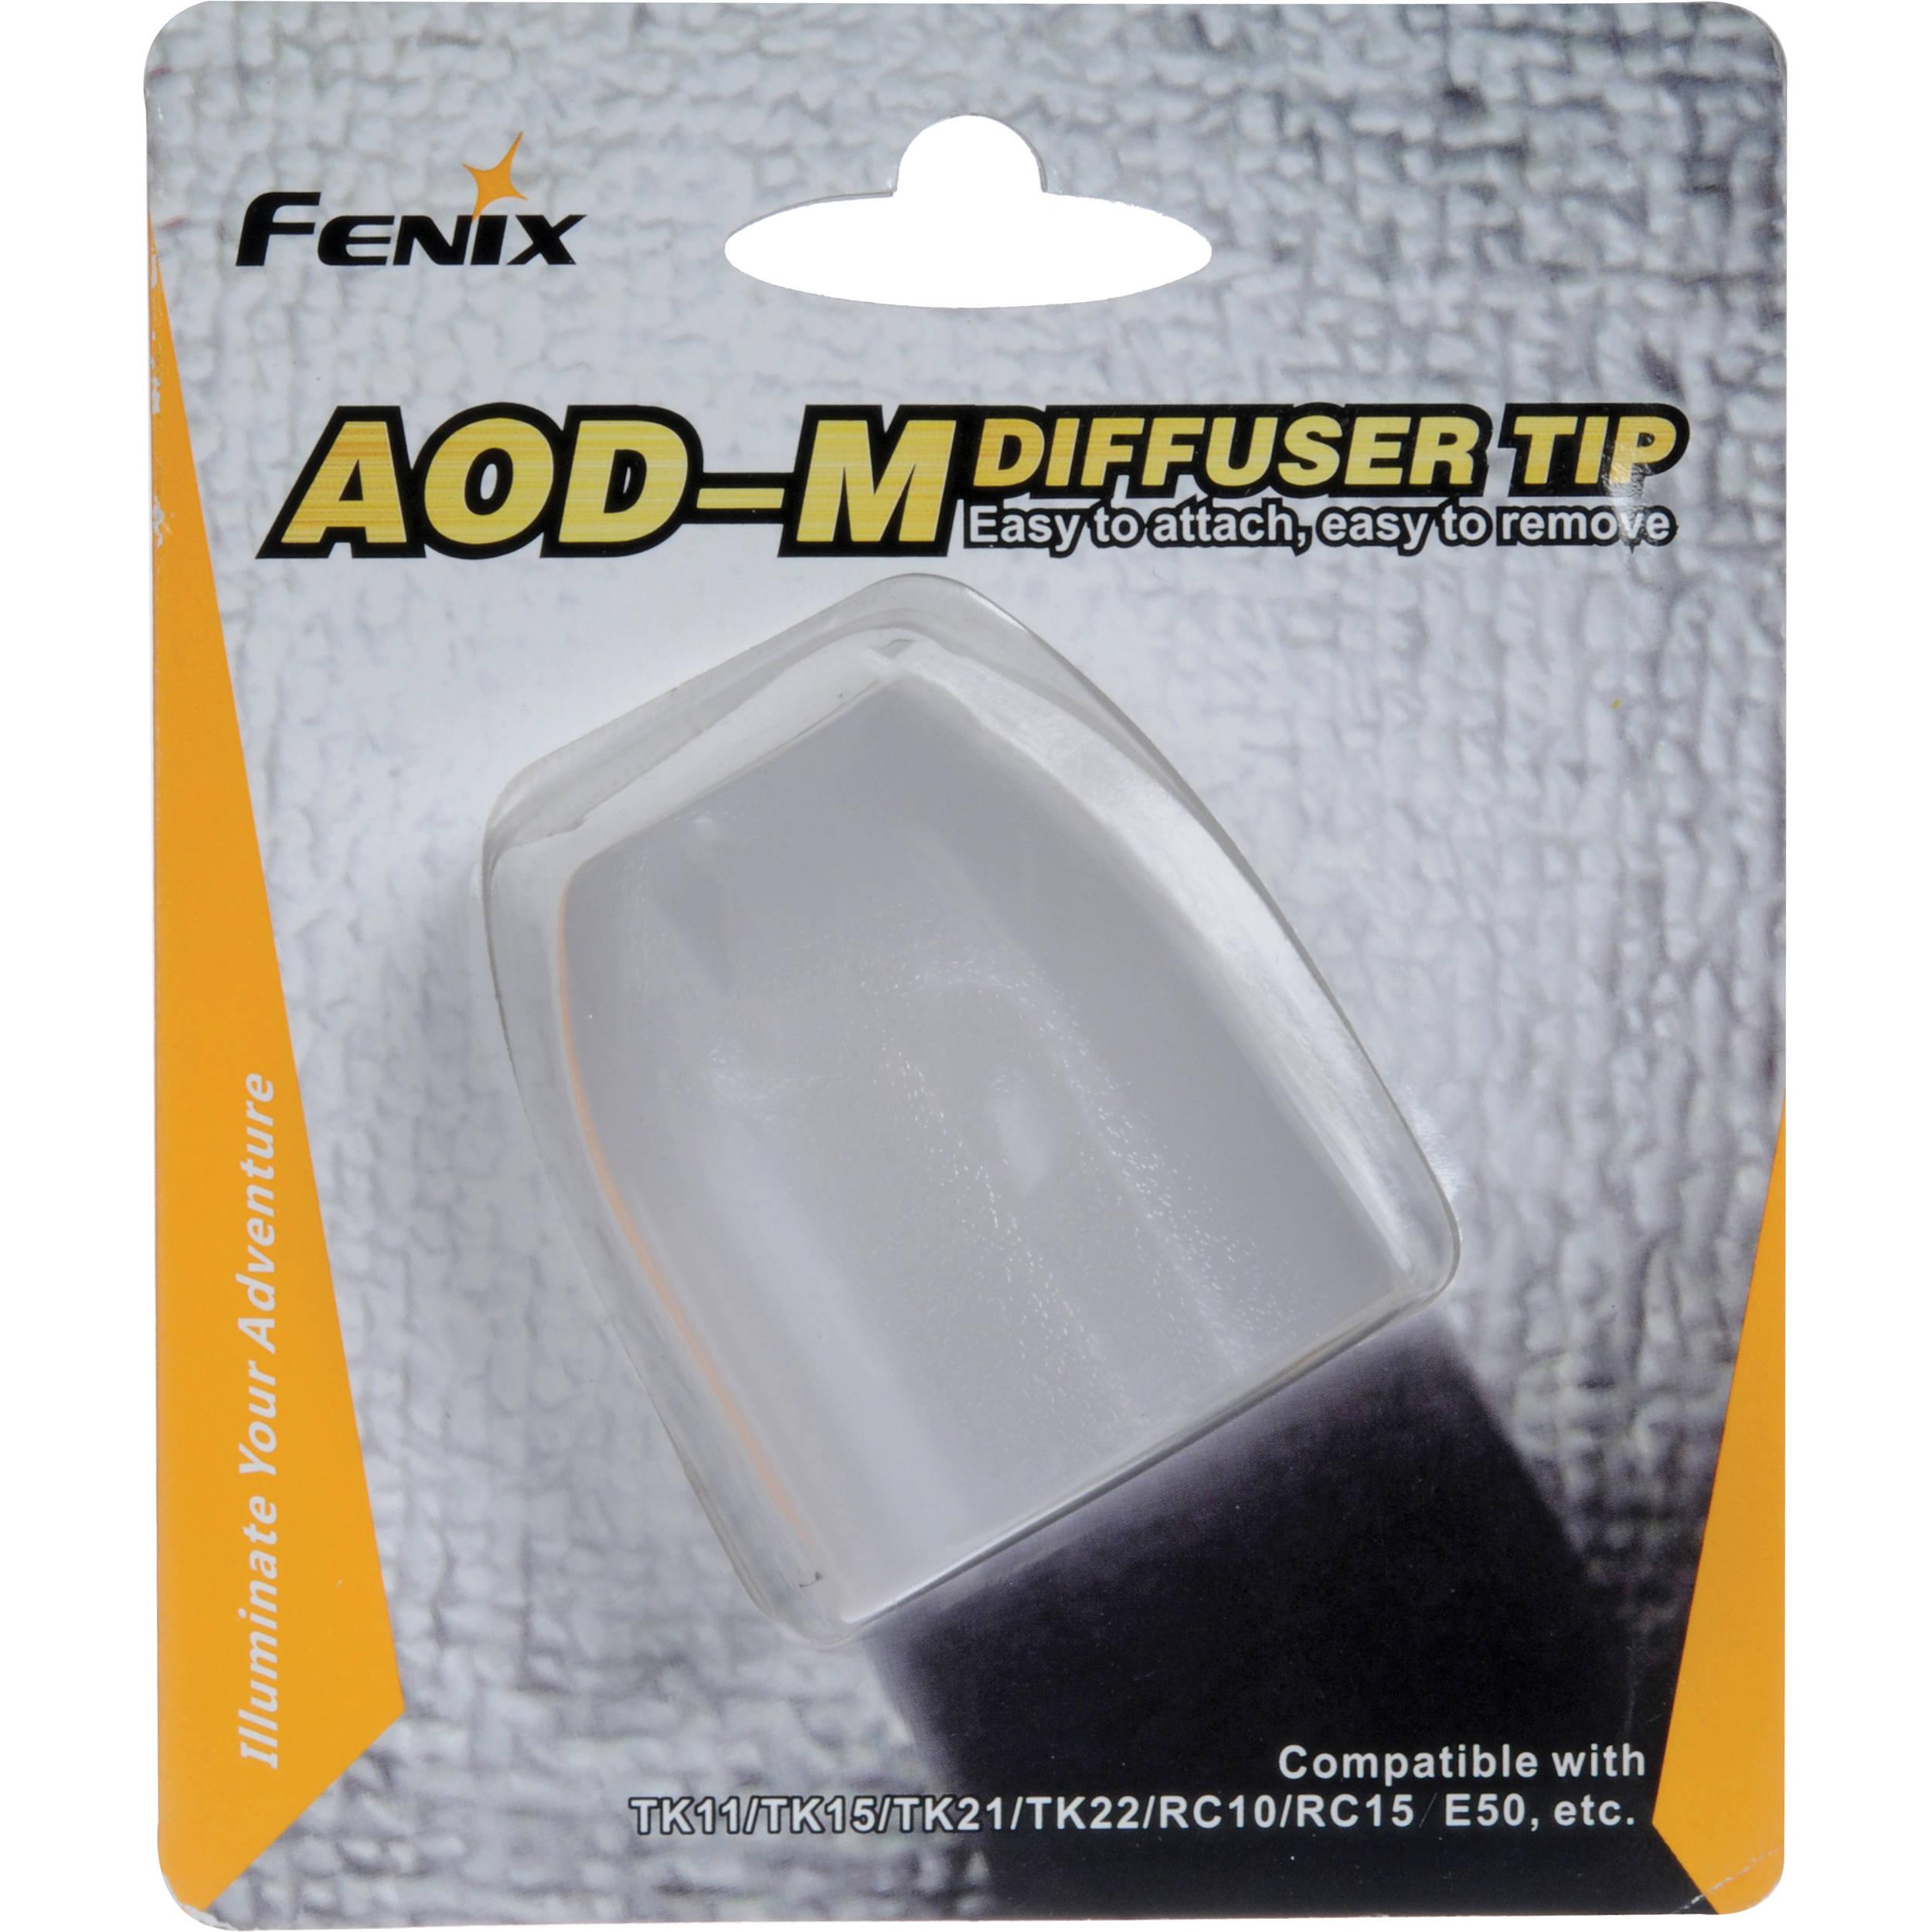 Diffuser Fenix White M Aod Tip Flashlight 5AjL43R